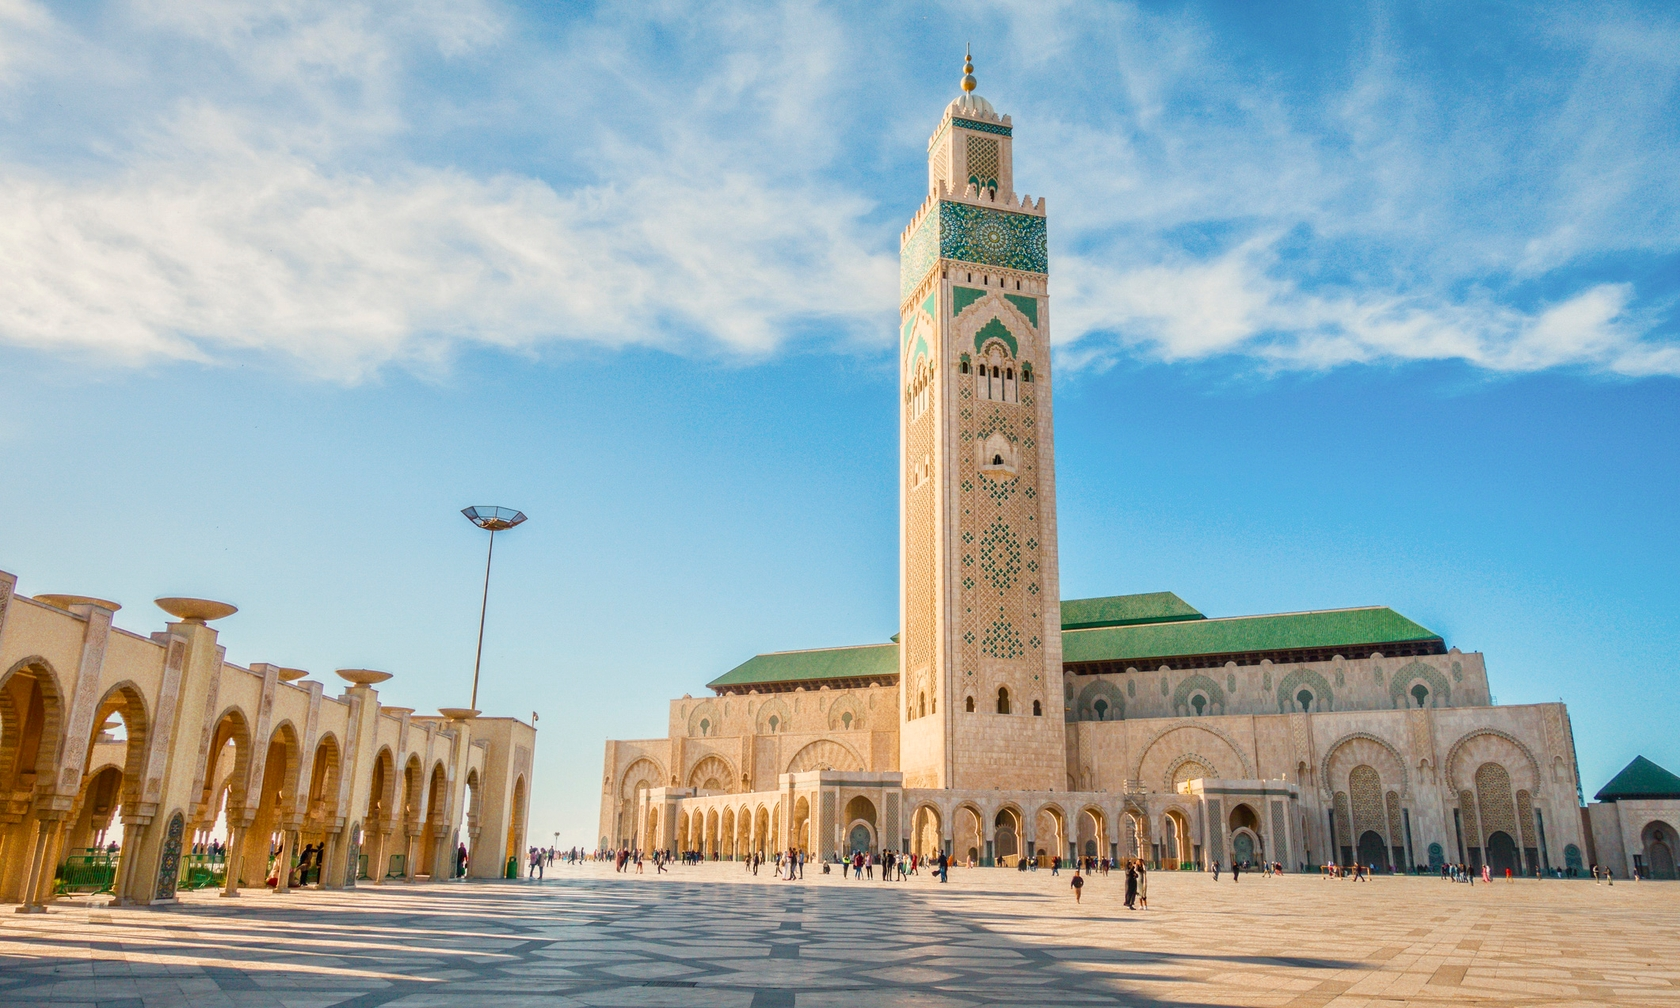 Holiday rentals in Casablanca